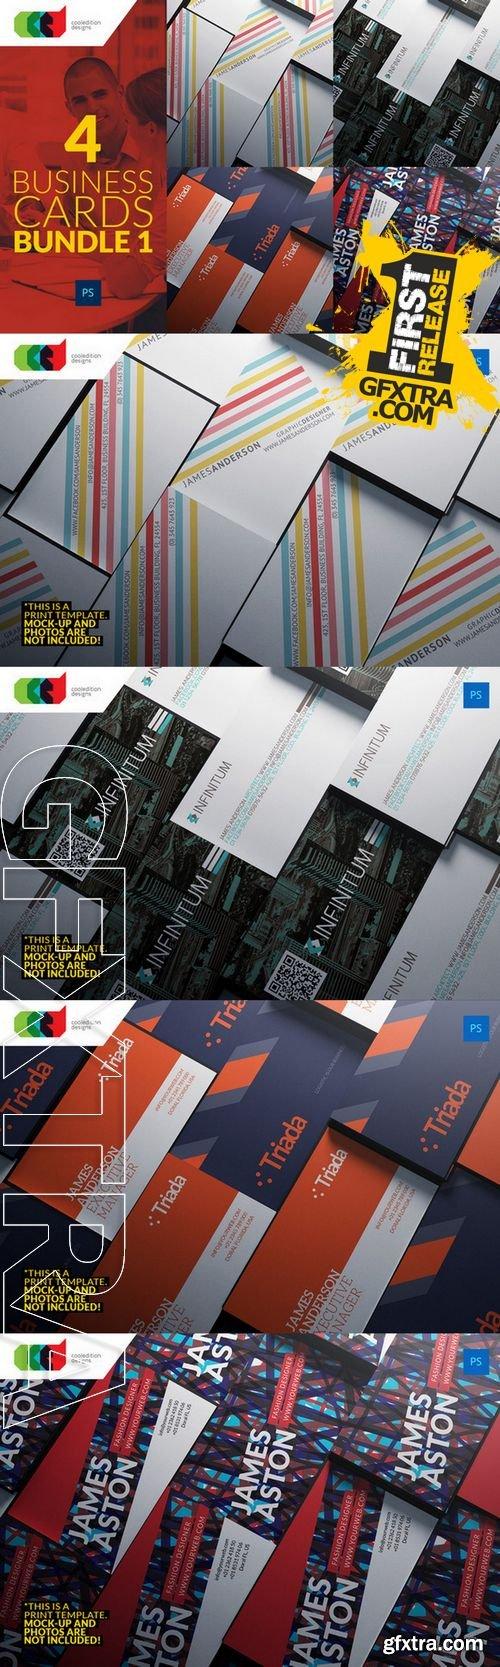 4 Business Cards Bundle 1 - CM 138509